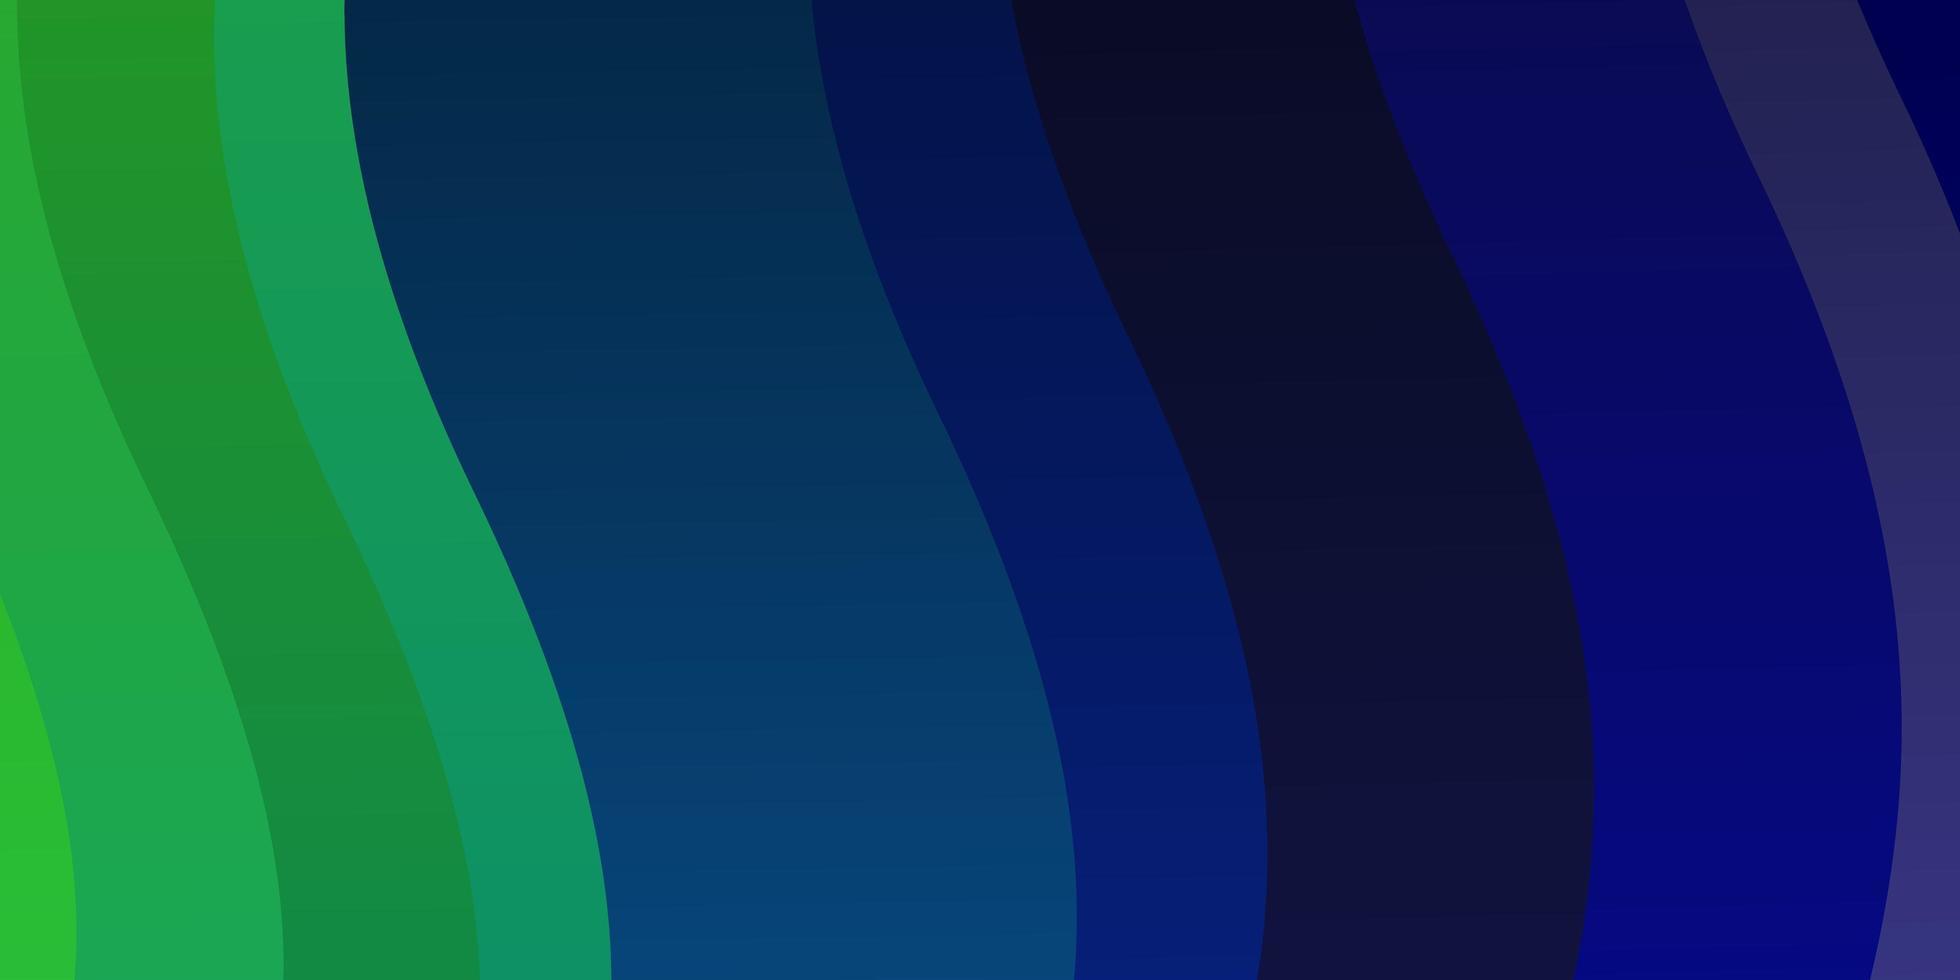 plantilla de vector azul claro, verde con curvas.